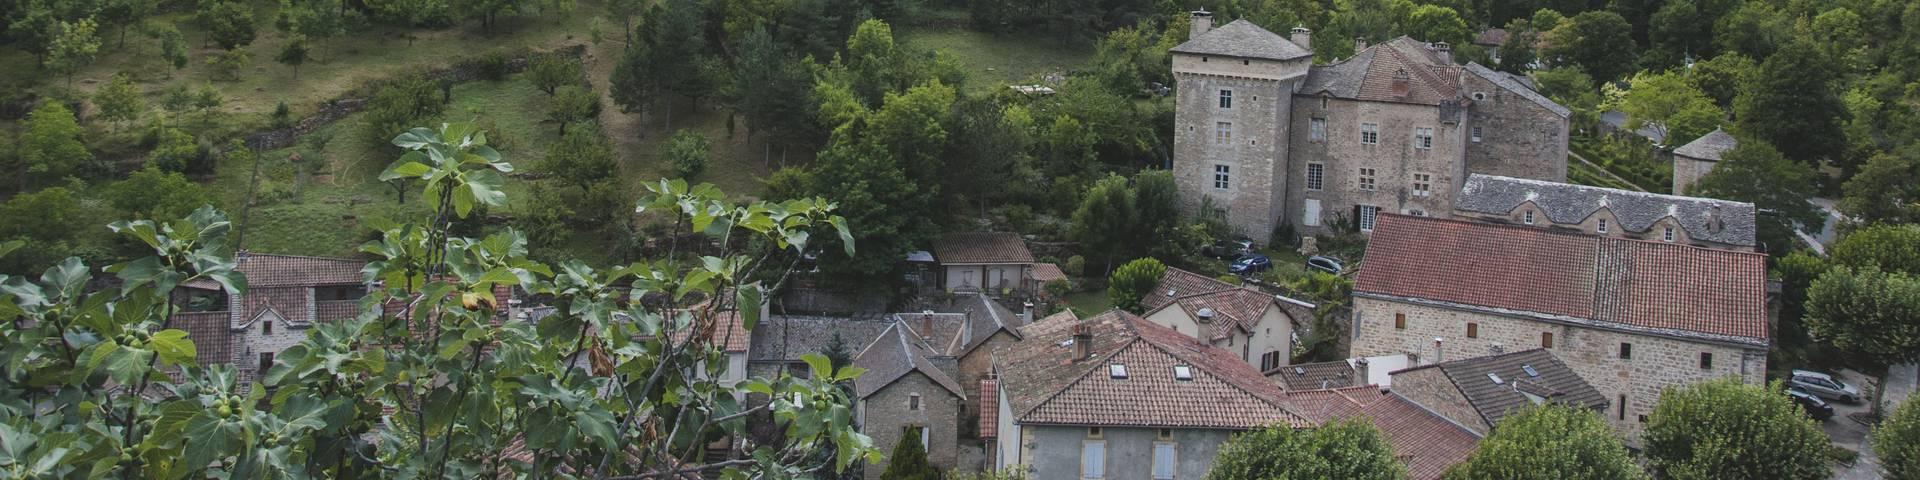 Village de Peyreleau